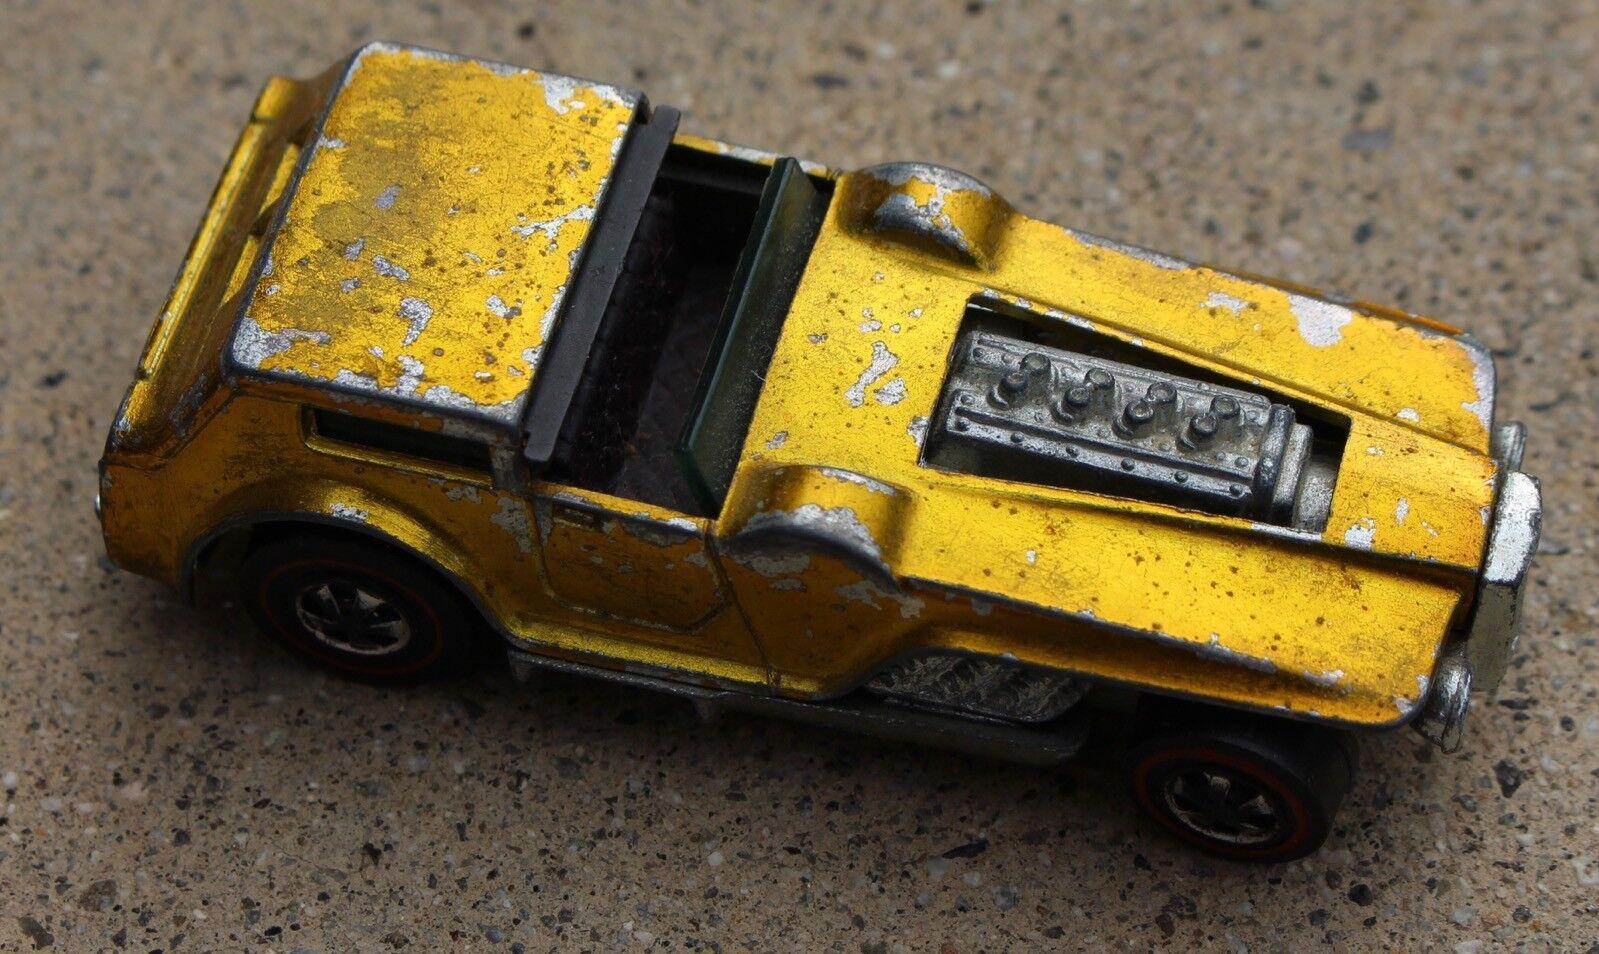 Jahrgang 1970 hot wheels rotline die kapuze chrome gelbe druckguss spielzeugauto.